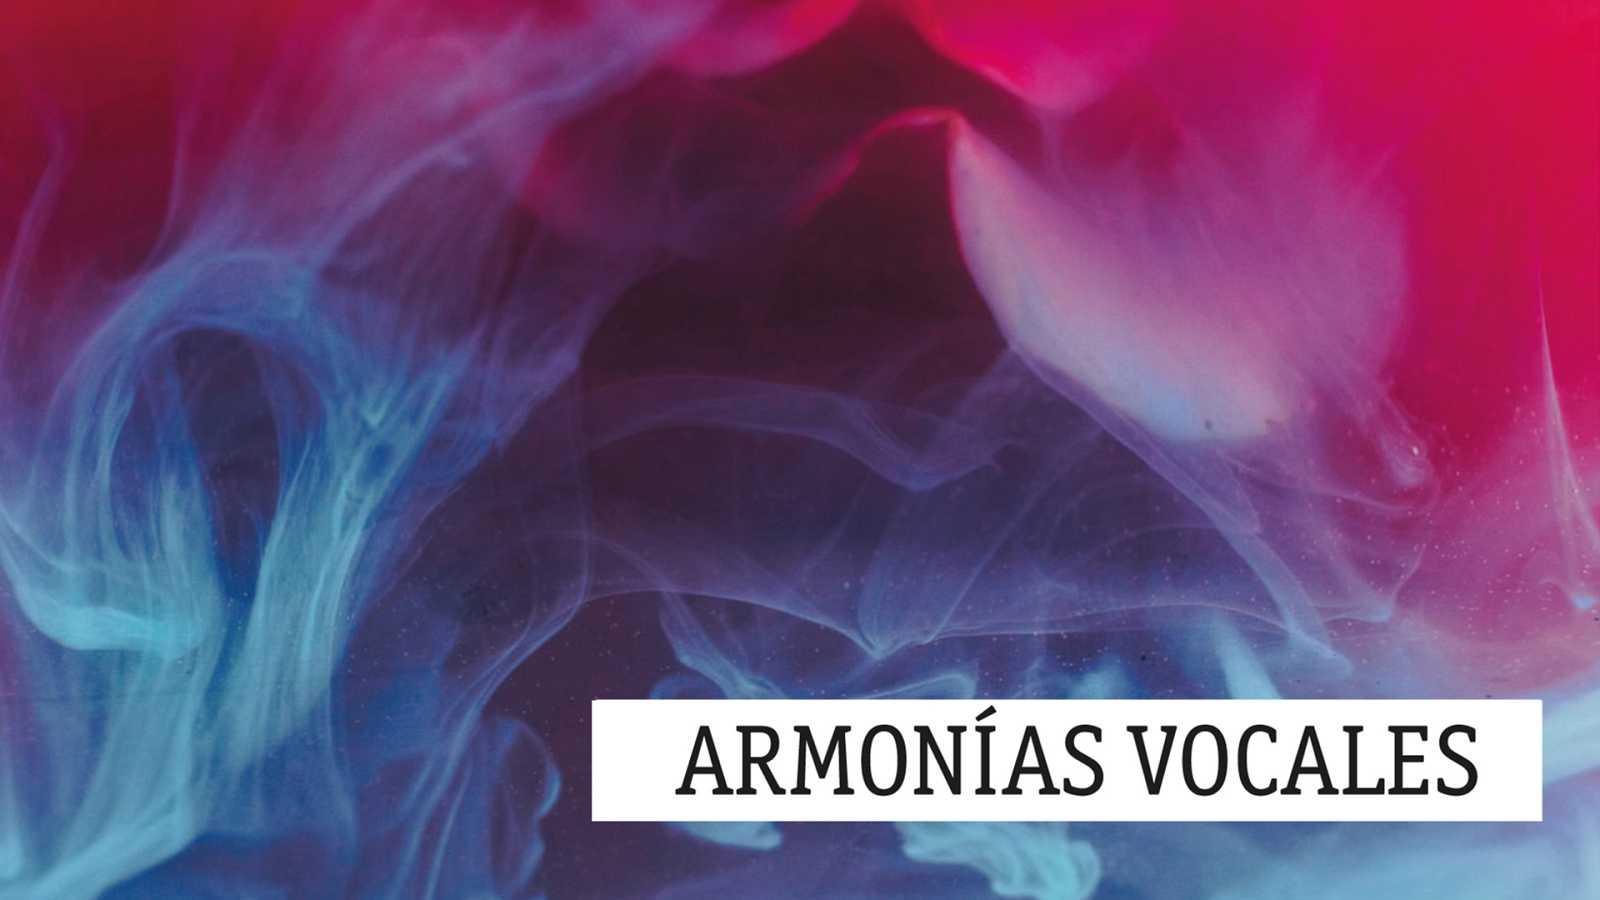 Armonías vocales - 31/05/20 - escuchar ahora